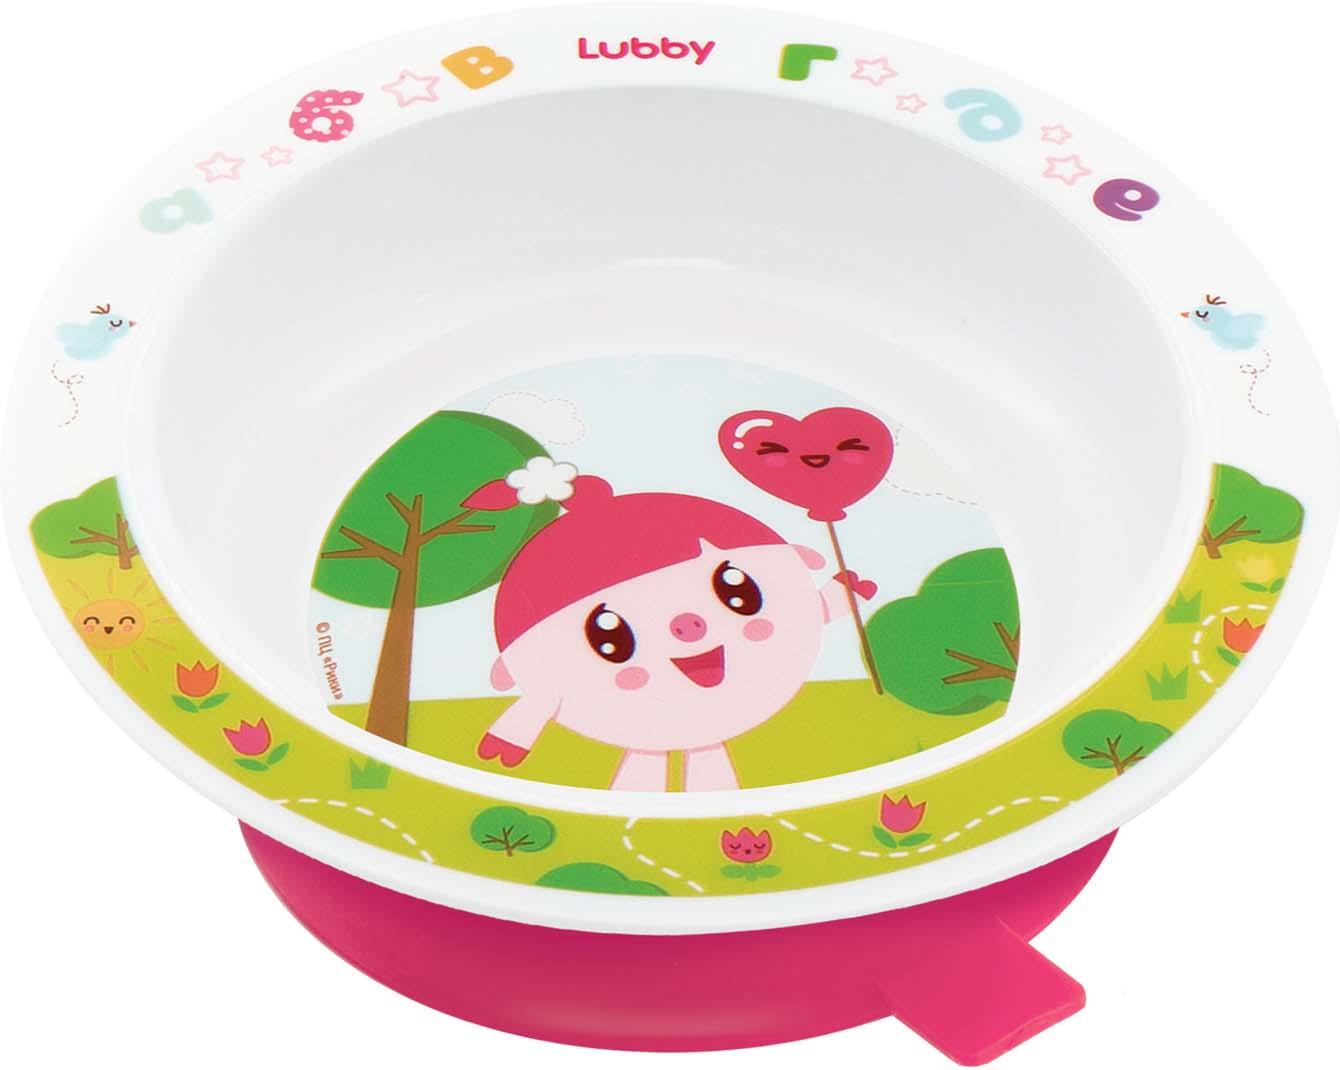 """Тарелка Lubby """"Малышарики"""", 20916, розовый, на присоске, 400 мл"""